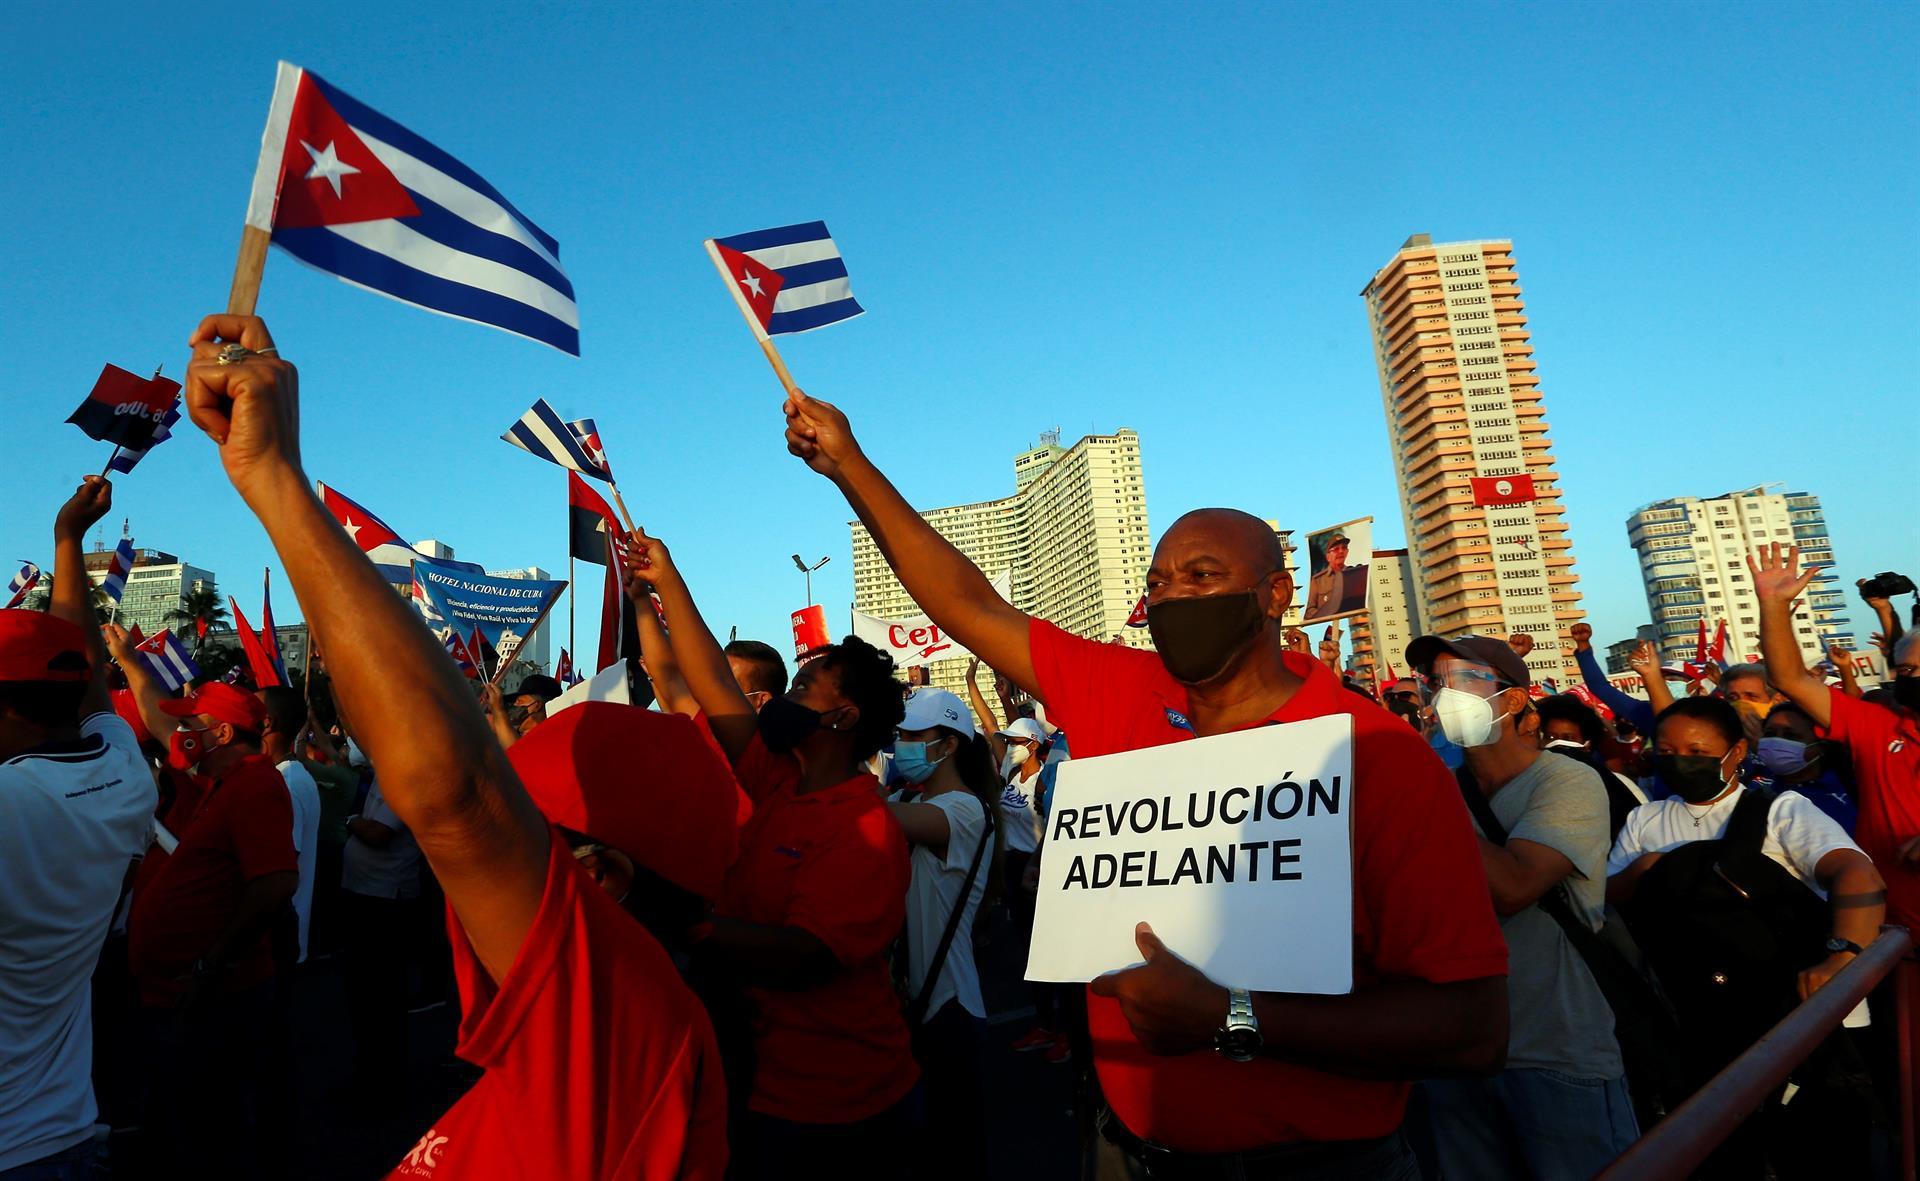 Desafían cubanos al COVID-19 y salen a calles a respaldar la revolución